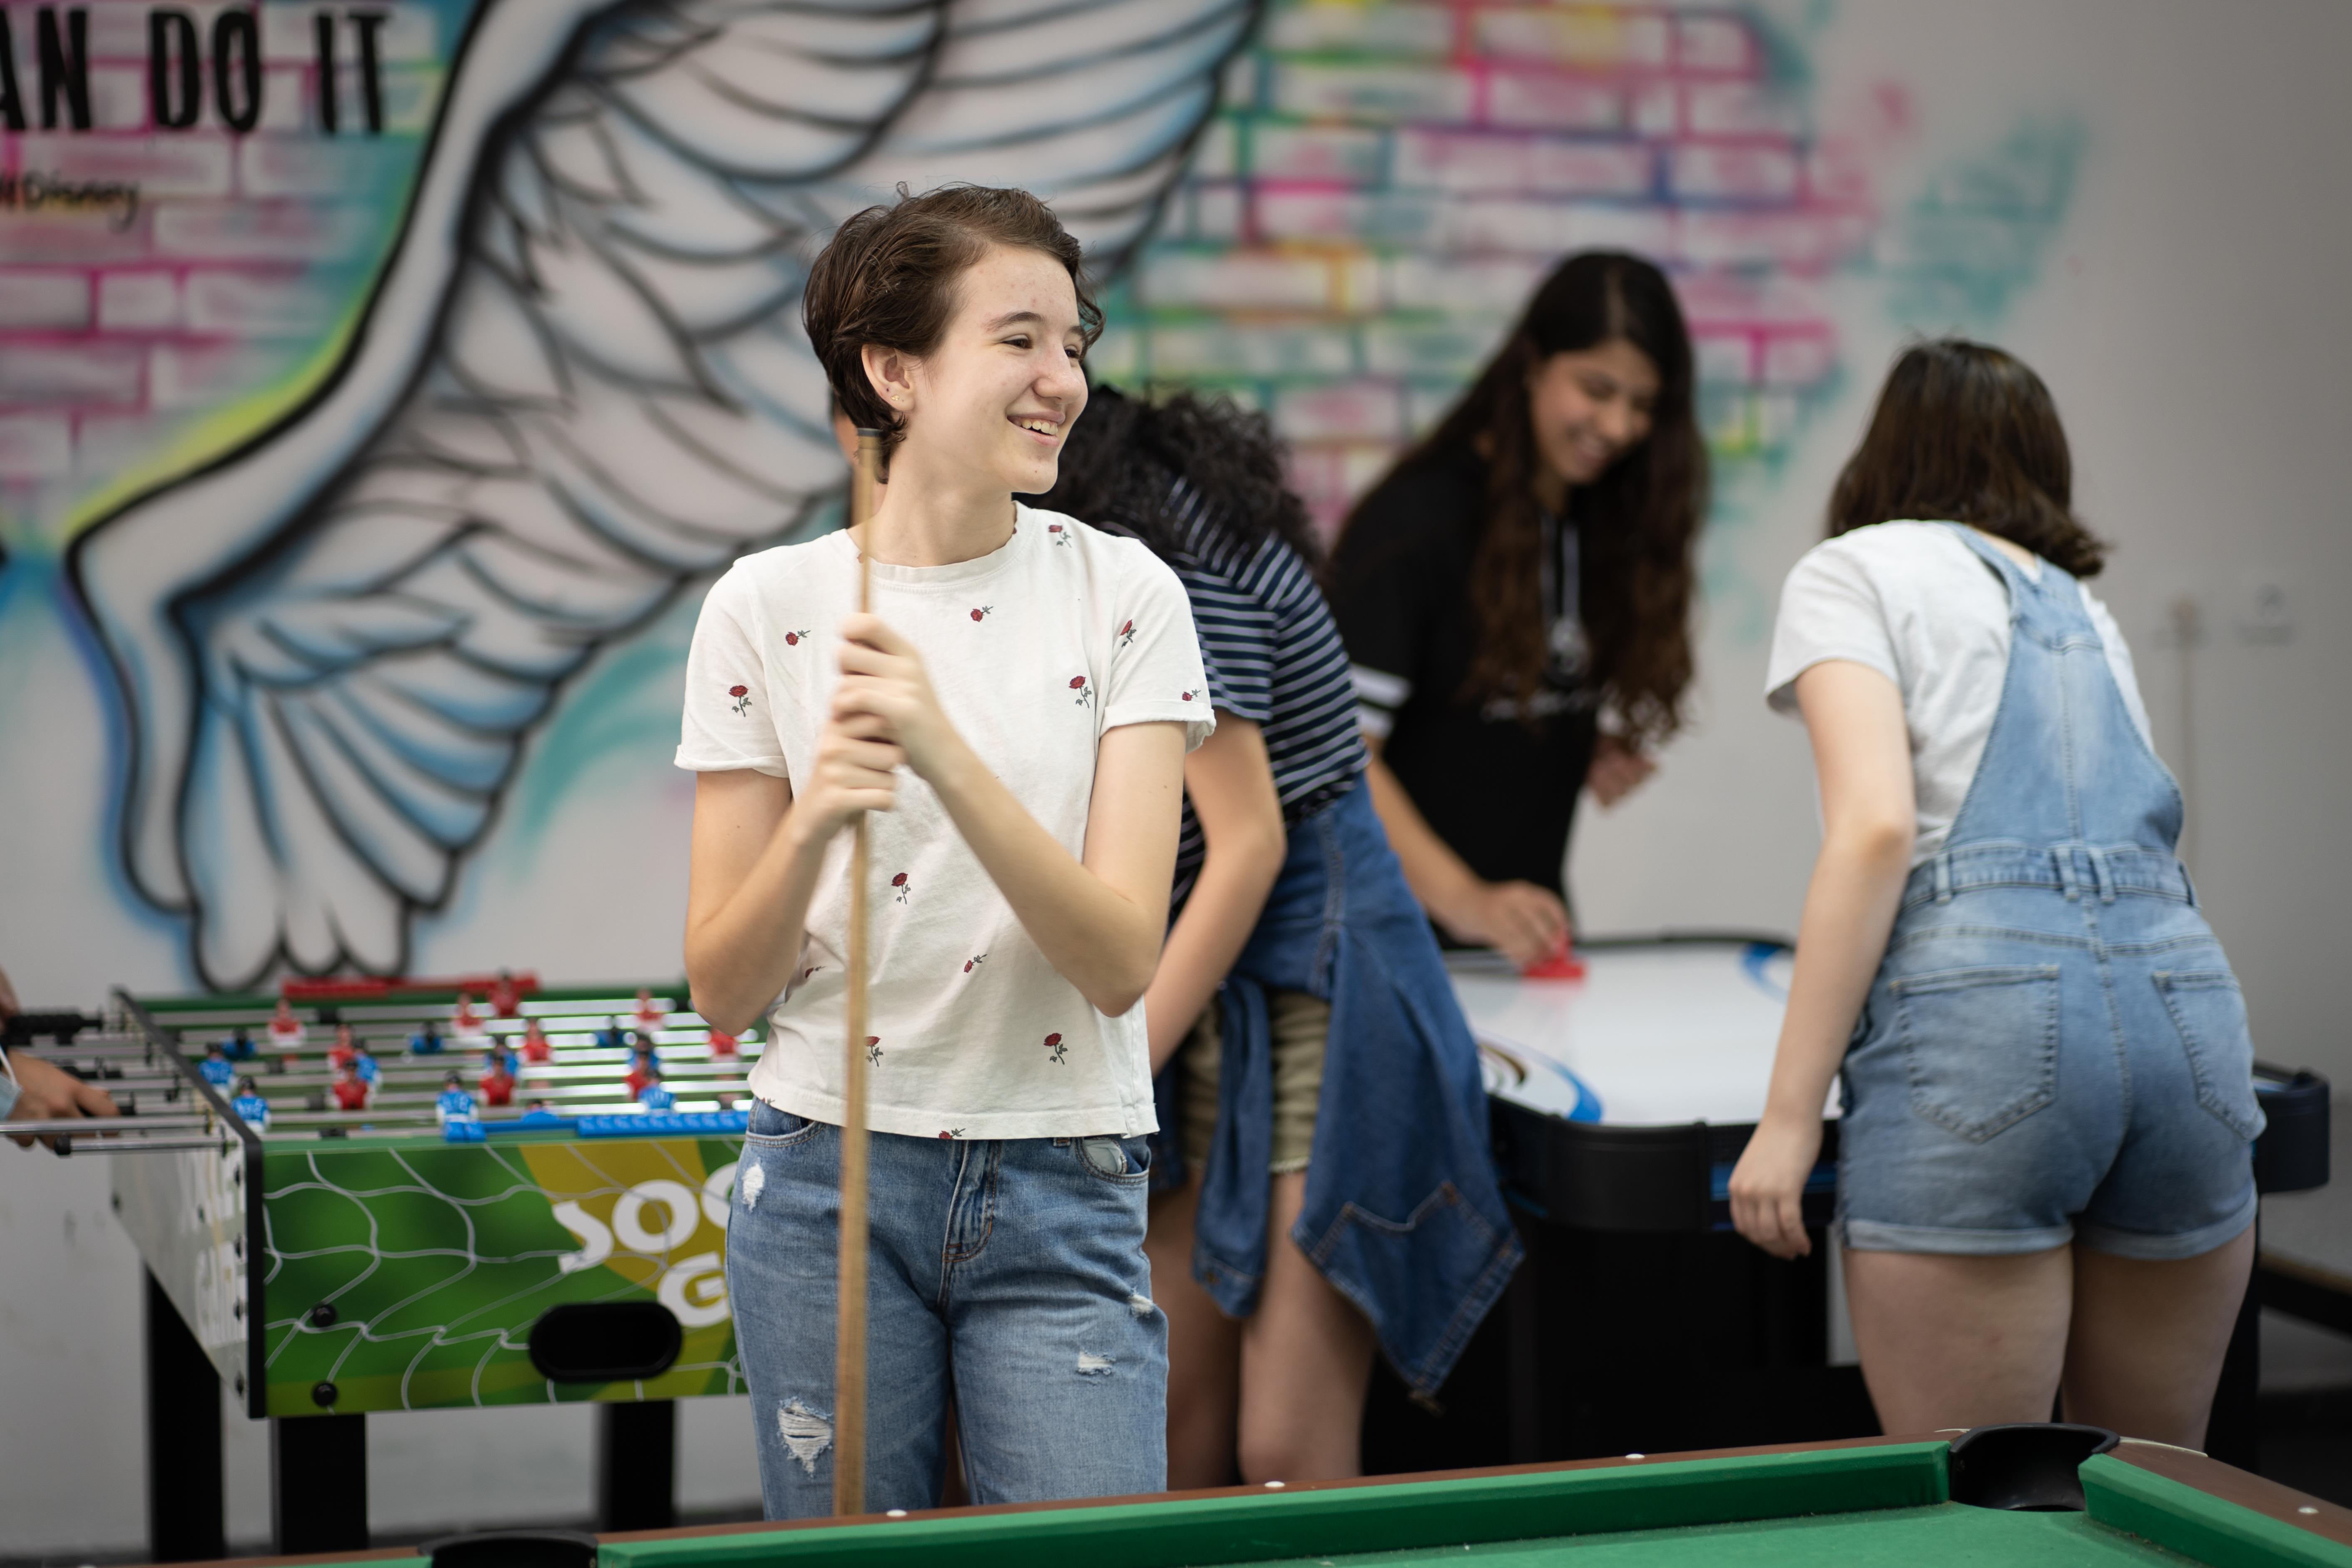 קבוצות חברתיות-רגשיות למתבגרים רקפת